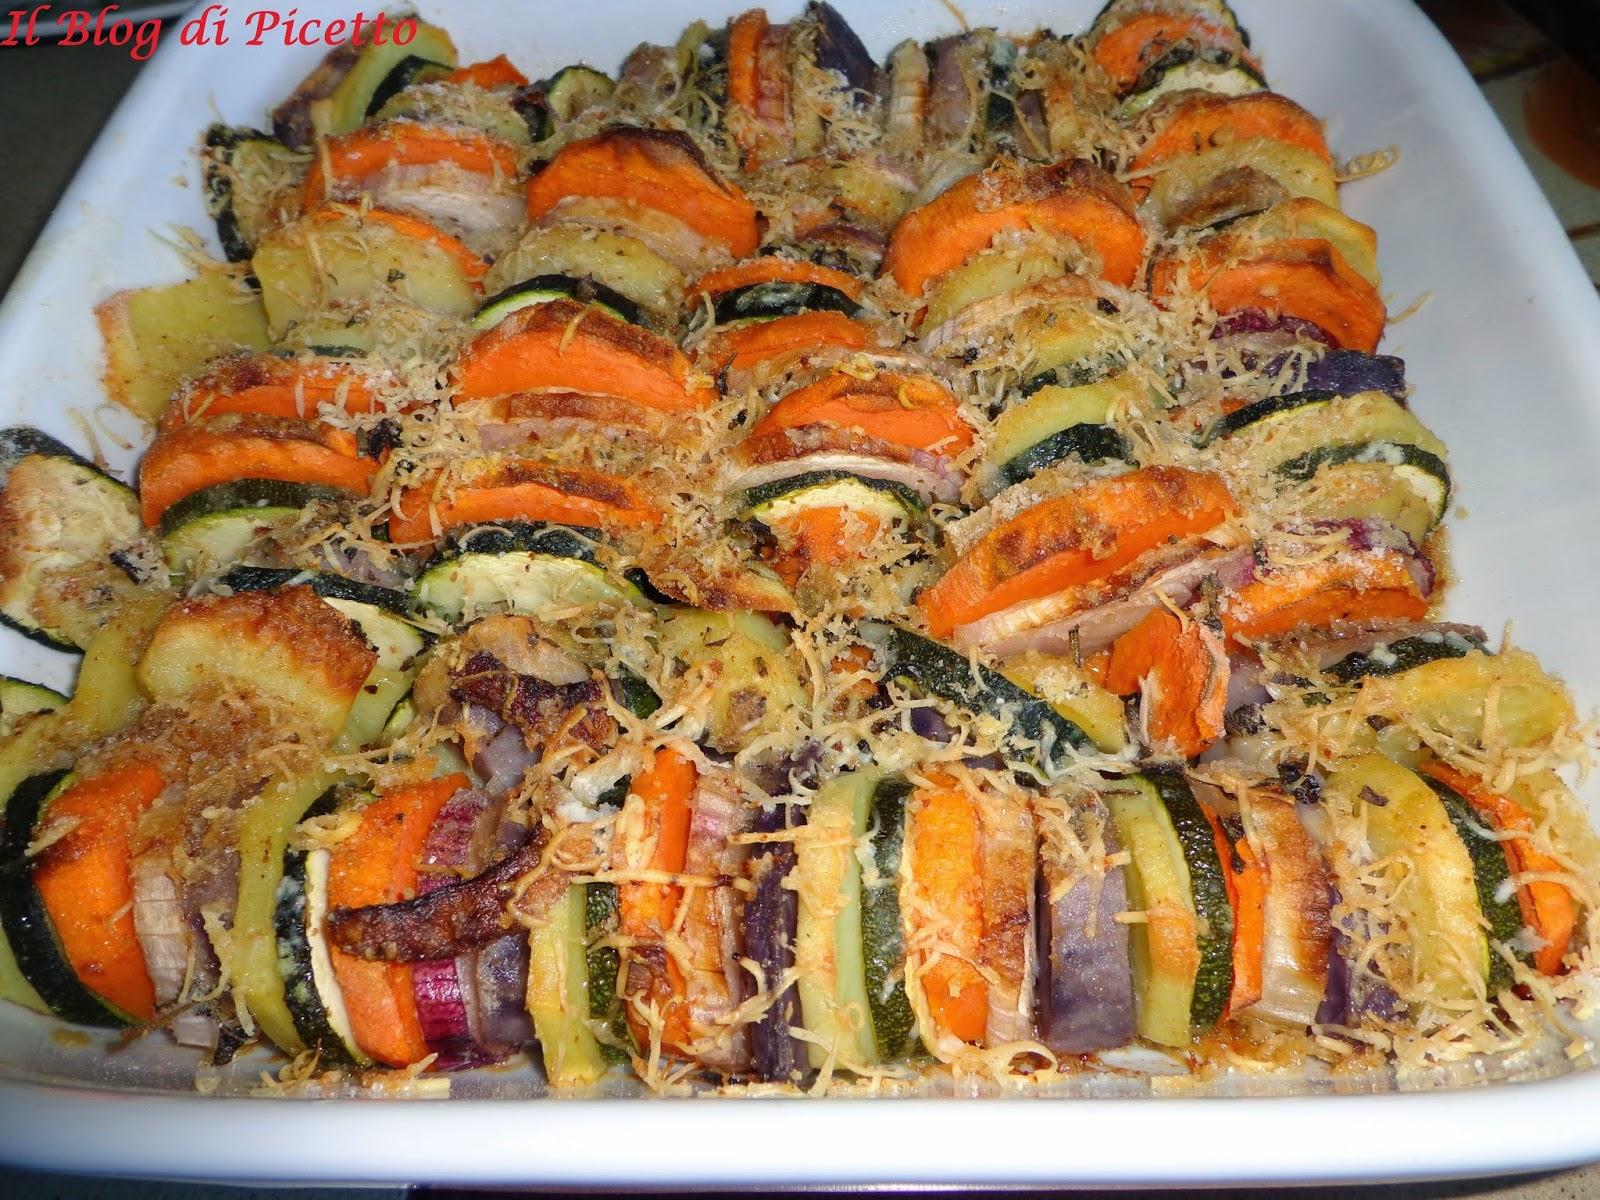 terrina di patate gialle silane, patate dolci americane, patate vitelotte, cipolle di tropea e zucchine gratinate